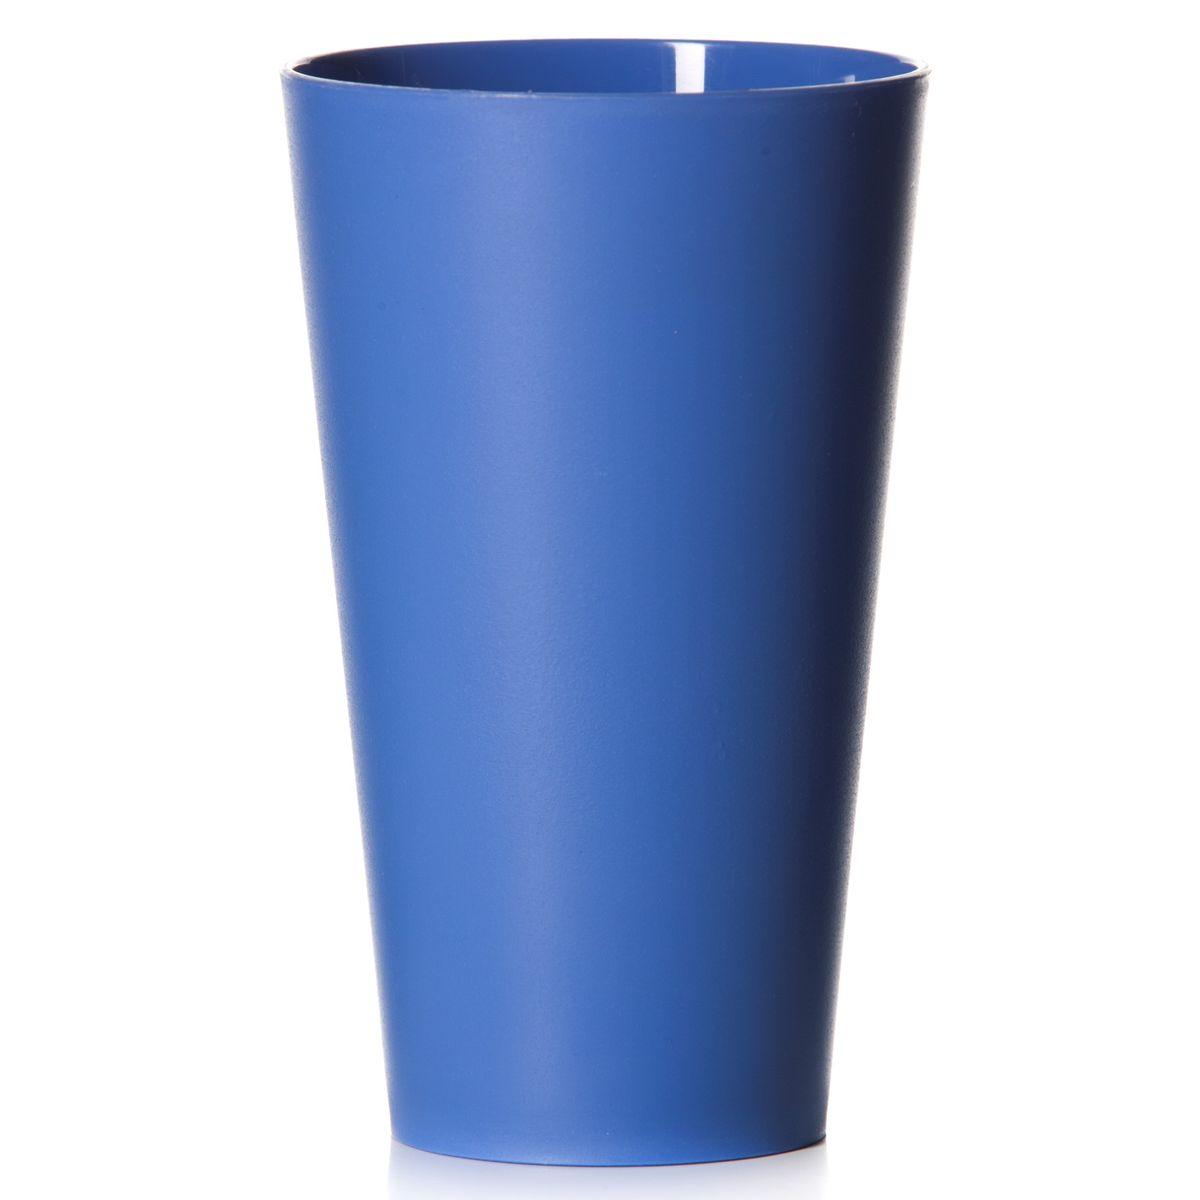 Стакан House & Holder, цвет: синий, 570 млM-218Стакан House & Holder изготовлен из прочного высококачественного полипропилена. Изделие предназначено для воды, сока и других напитков. Стакан сочетает в себе яркий дизайн и функциональность. Благодаря такому стакану пить напитки будет еще вкуснее. Стакан House & Holder можно использовать дома, на даче или на пикнике. Можно использовать в посудомоечной машине и микроволновой печи. Диаметр стакана по верхнему краю: 9 см. Высота стакана: 15 см. Диаметр основания: 6 см.